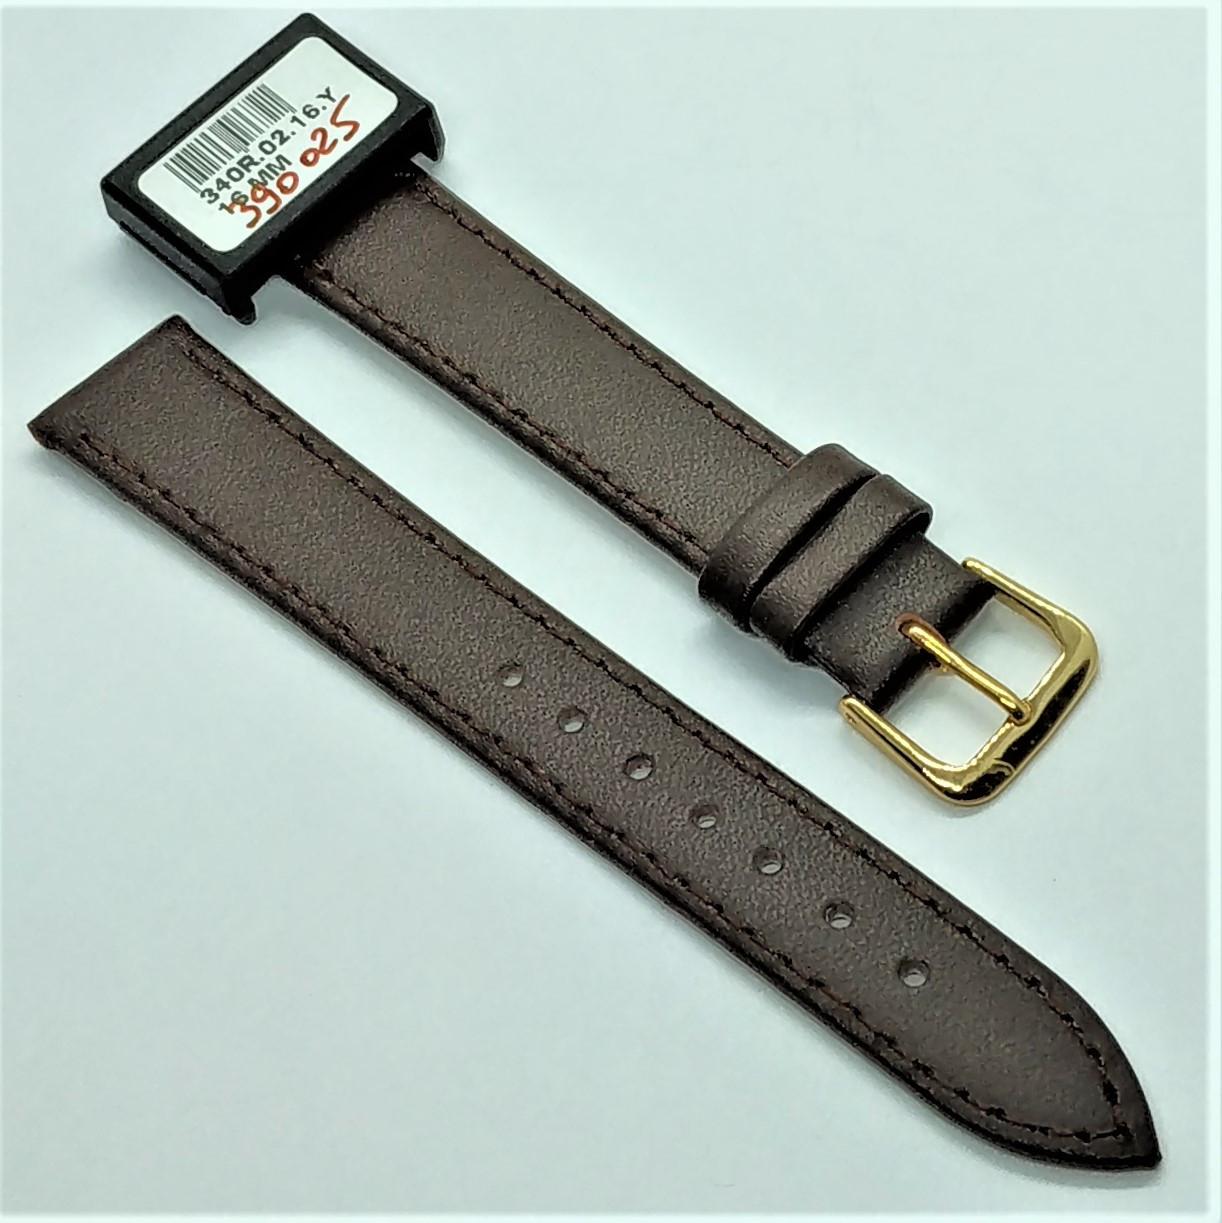 16 мм Кожаный Ремешок для часов CONDOR 340.16.02 Коричневый Ремешок на часы из Натуральной кожи